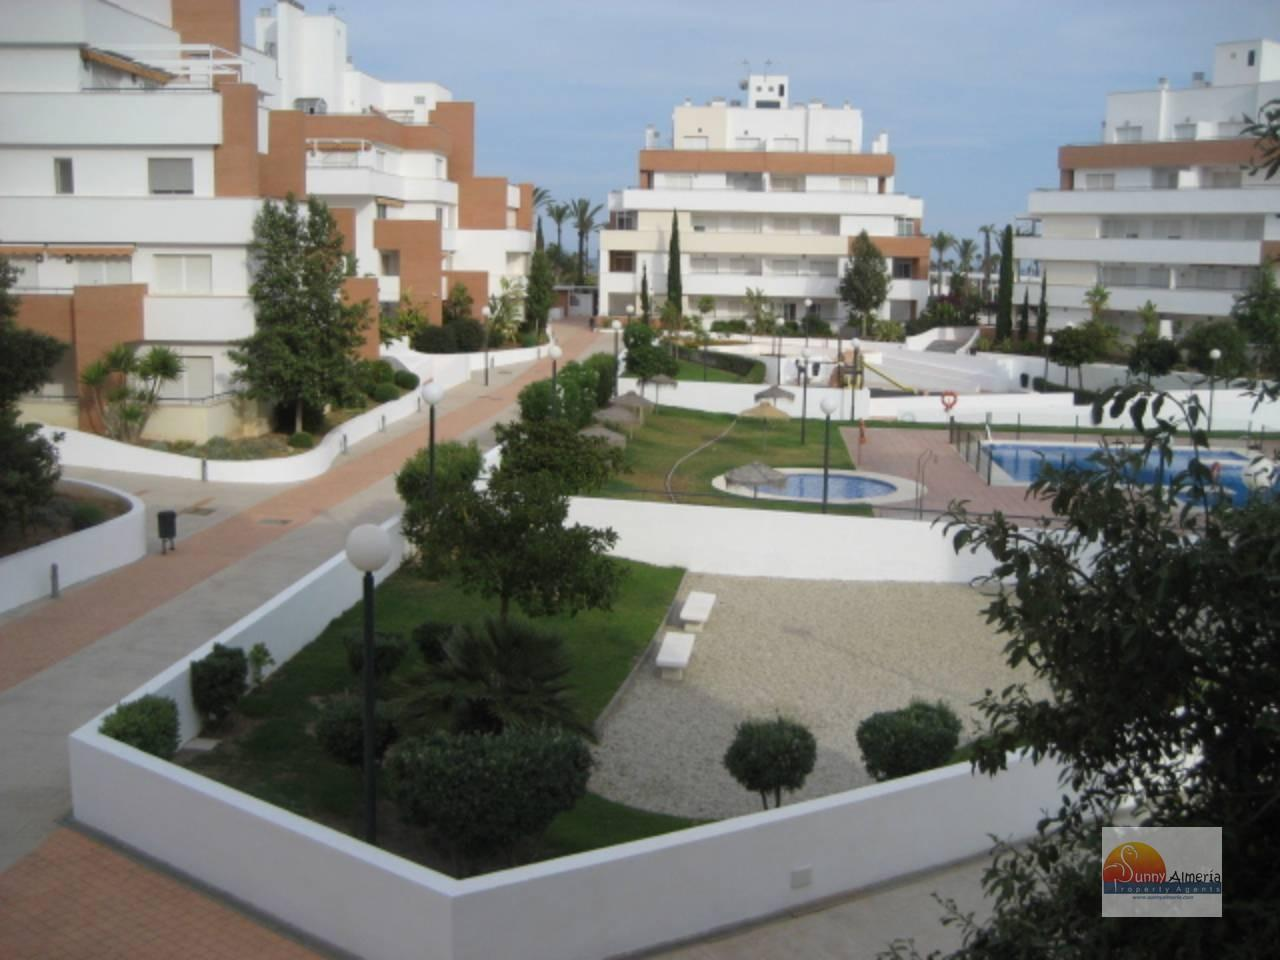 Ferielejlighed I Carretera Ciudad de Cadiz 1A (Roquetas de Mar)